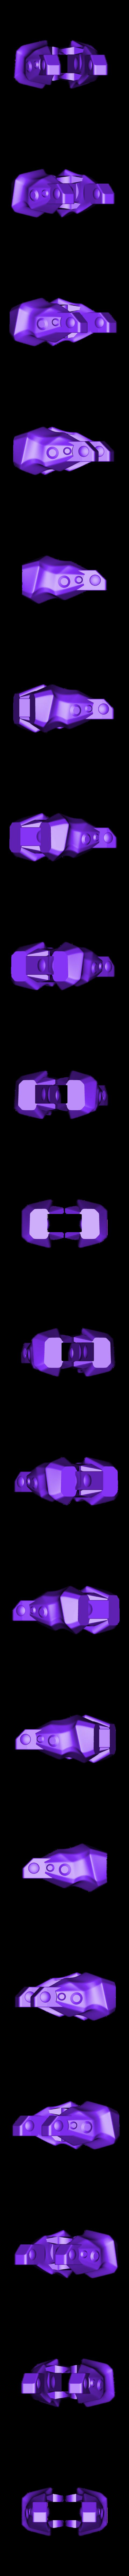 upper_arms.stl Télécharger fichier STL gratuit Sommet2 • Design à imprimer en 3D, Yazhmog